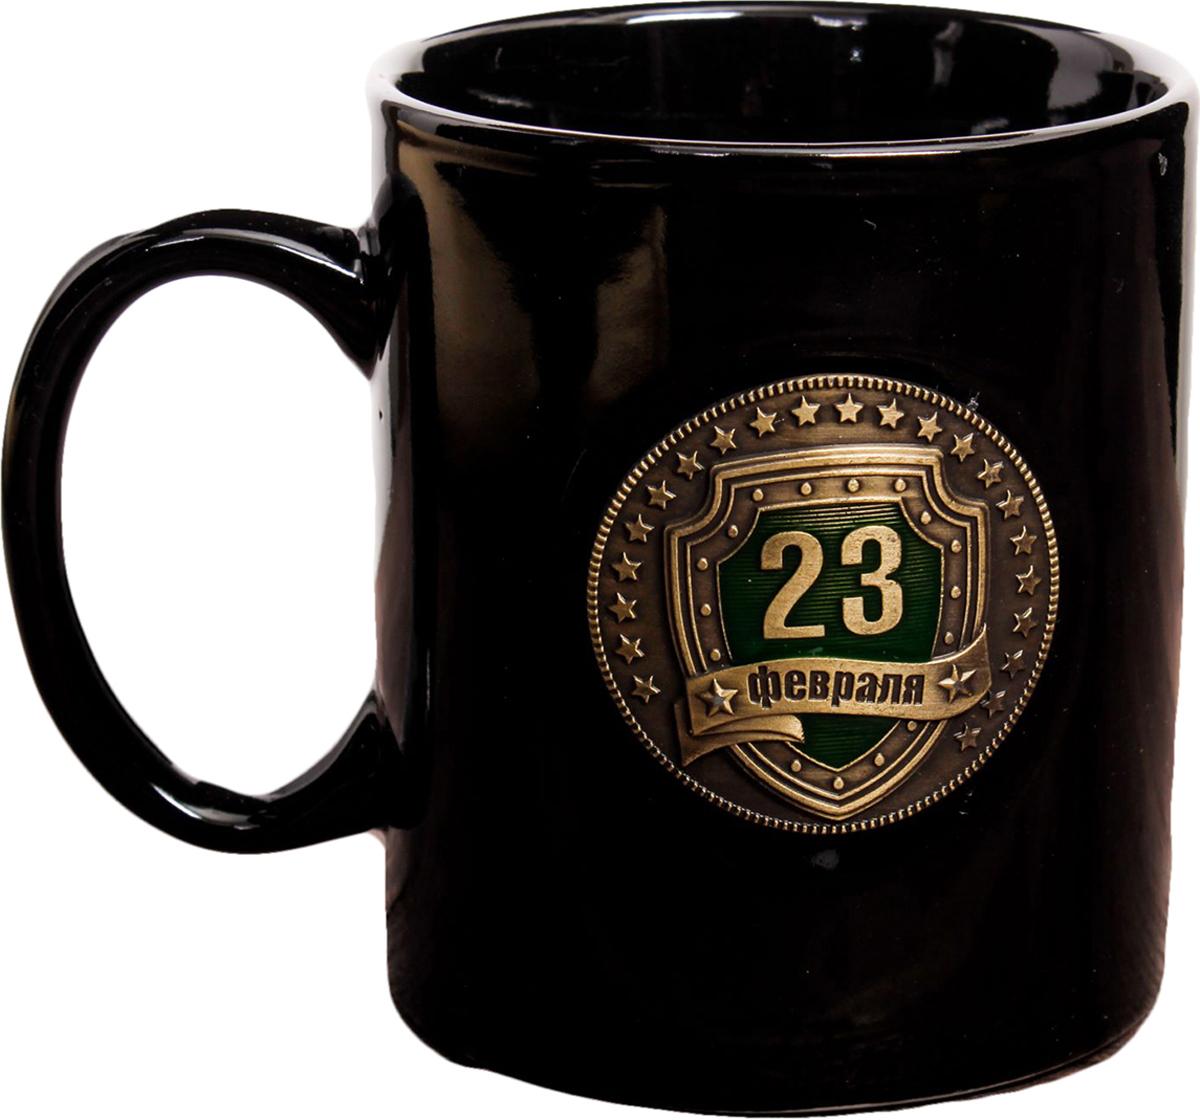 Кружка Sima-Land 23 Февраля, цвет: черный, золотой, 300 мл. 23938022393802Авторский дизайн, оригинальный декор, оптимальный объем - отличительные черты этой кружки. Налейте в нее горячий свежезаваренный кофе или крепкий ароматный чай, и каждый глоток будет сокрушительным ударом по врагам: сонливости, вялости и апатии!Изделие упаковано в подарочную картонную коробку.